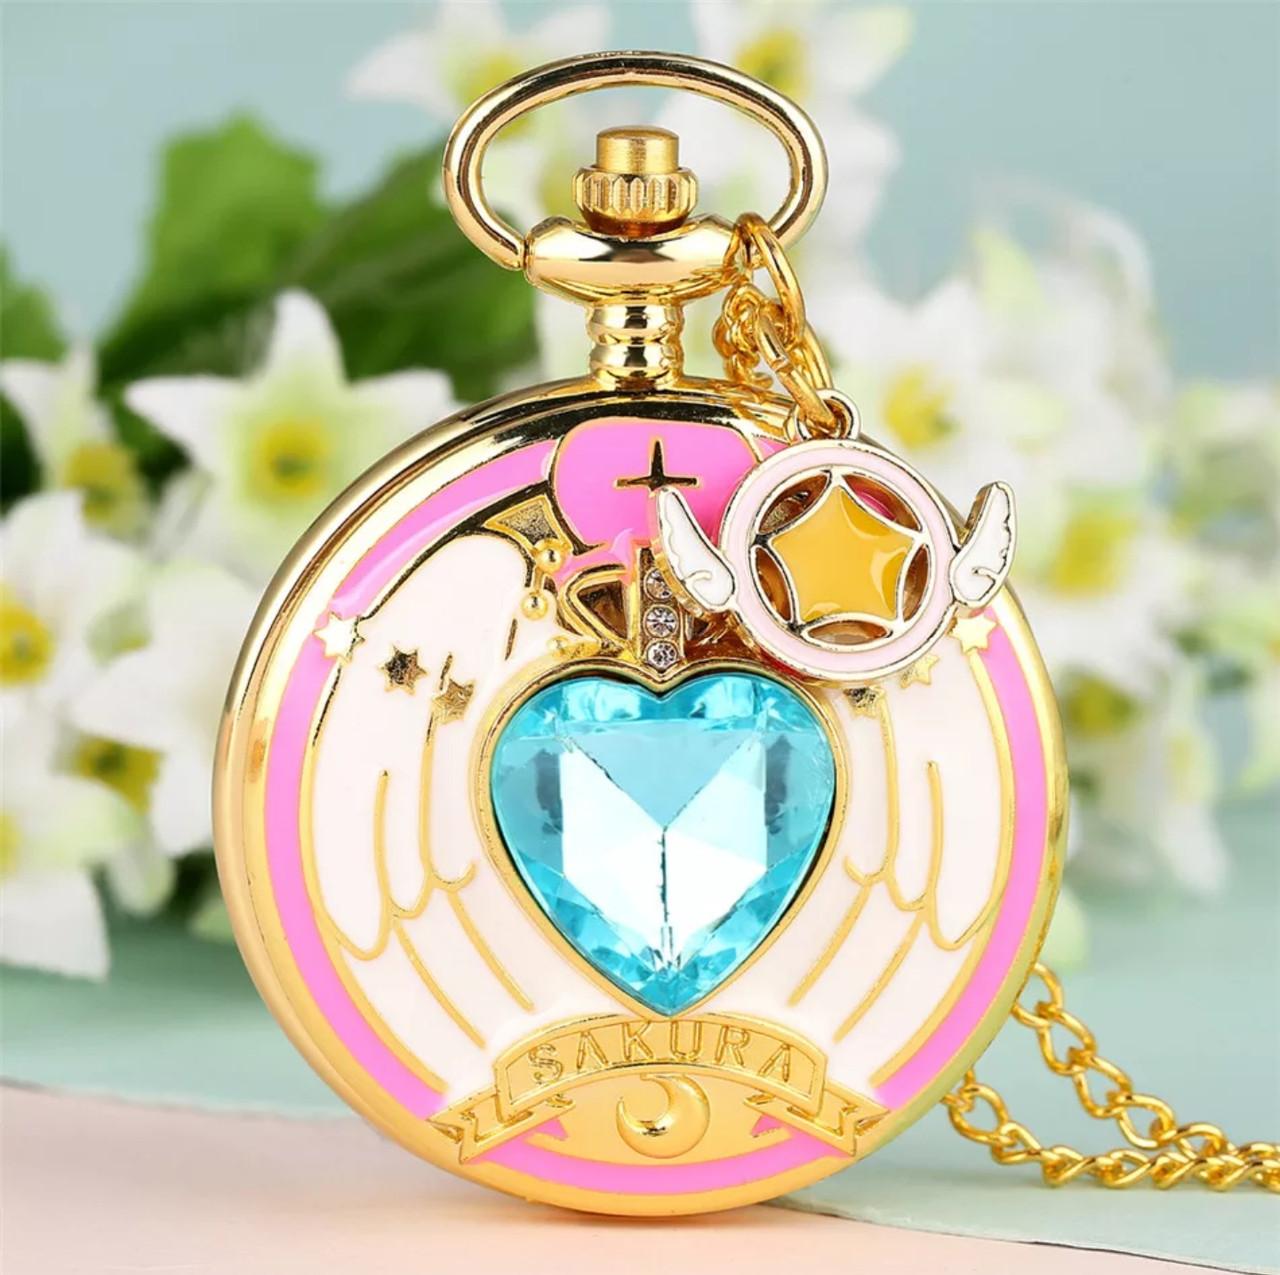 Кишеньковий годинник на ланцюжку Сакура відмінний подарунок